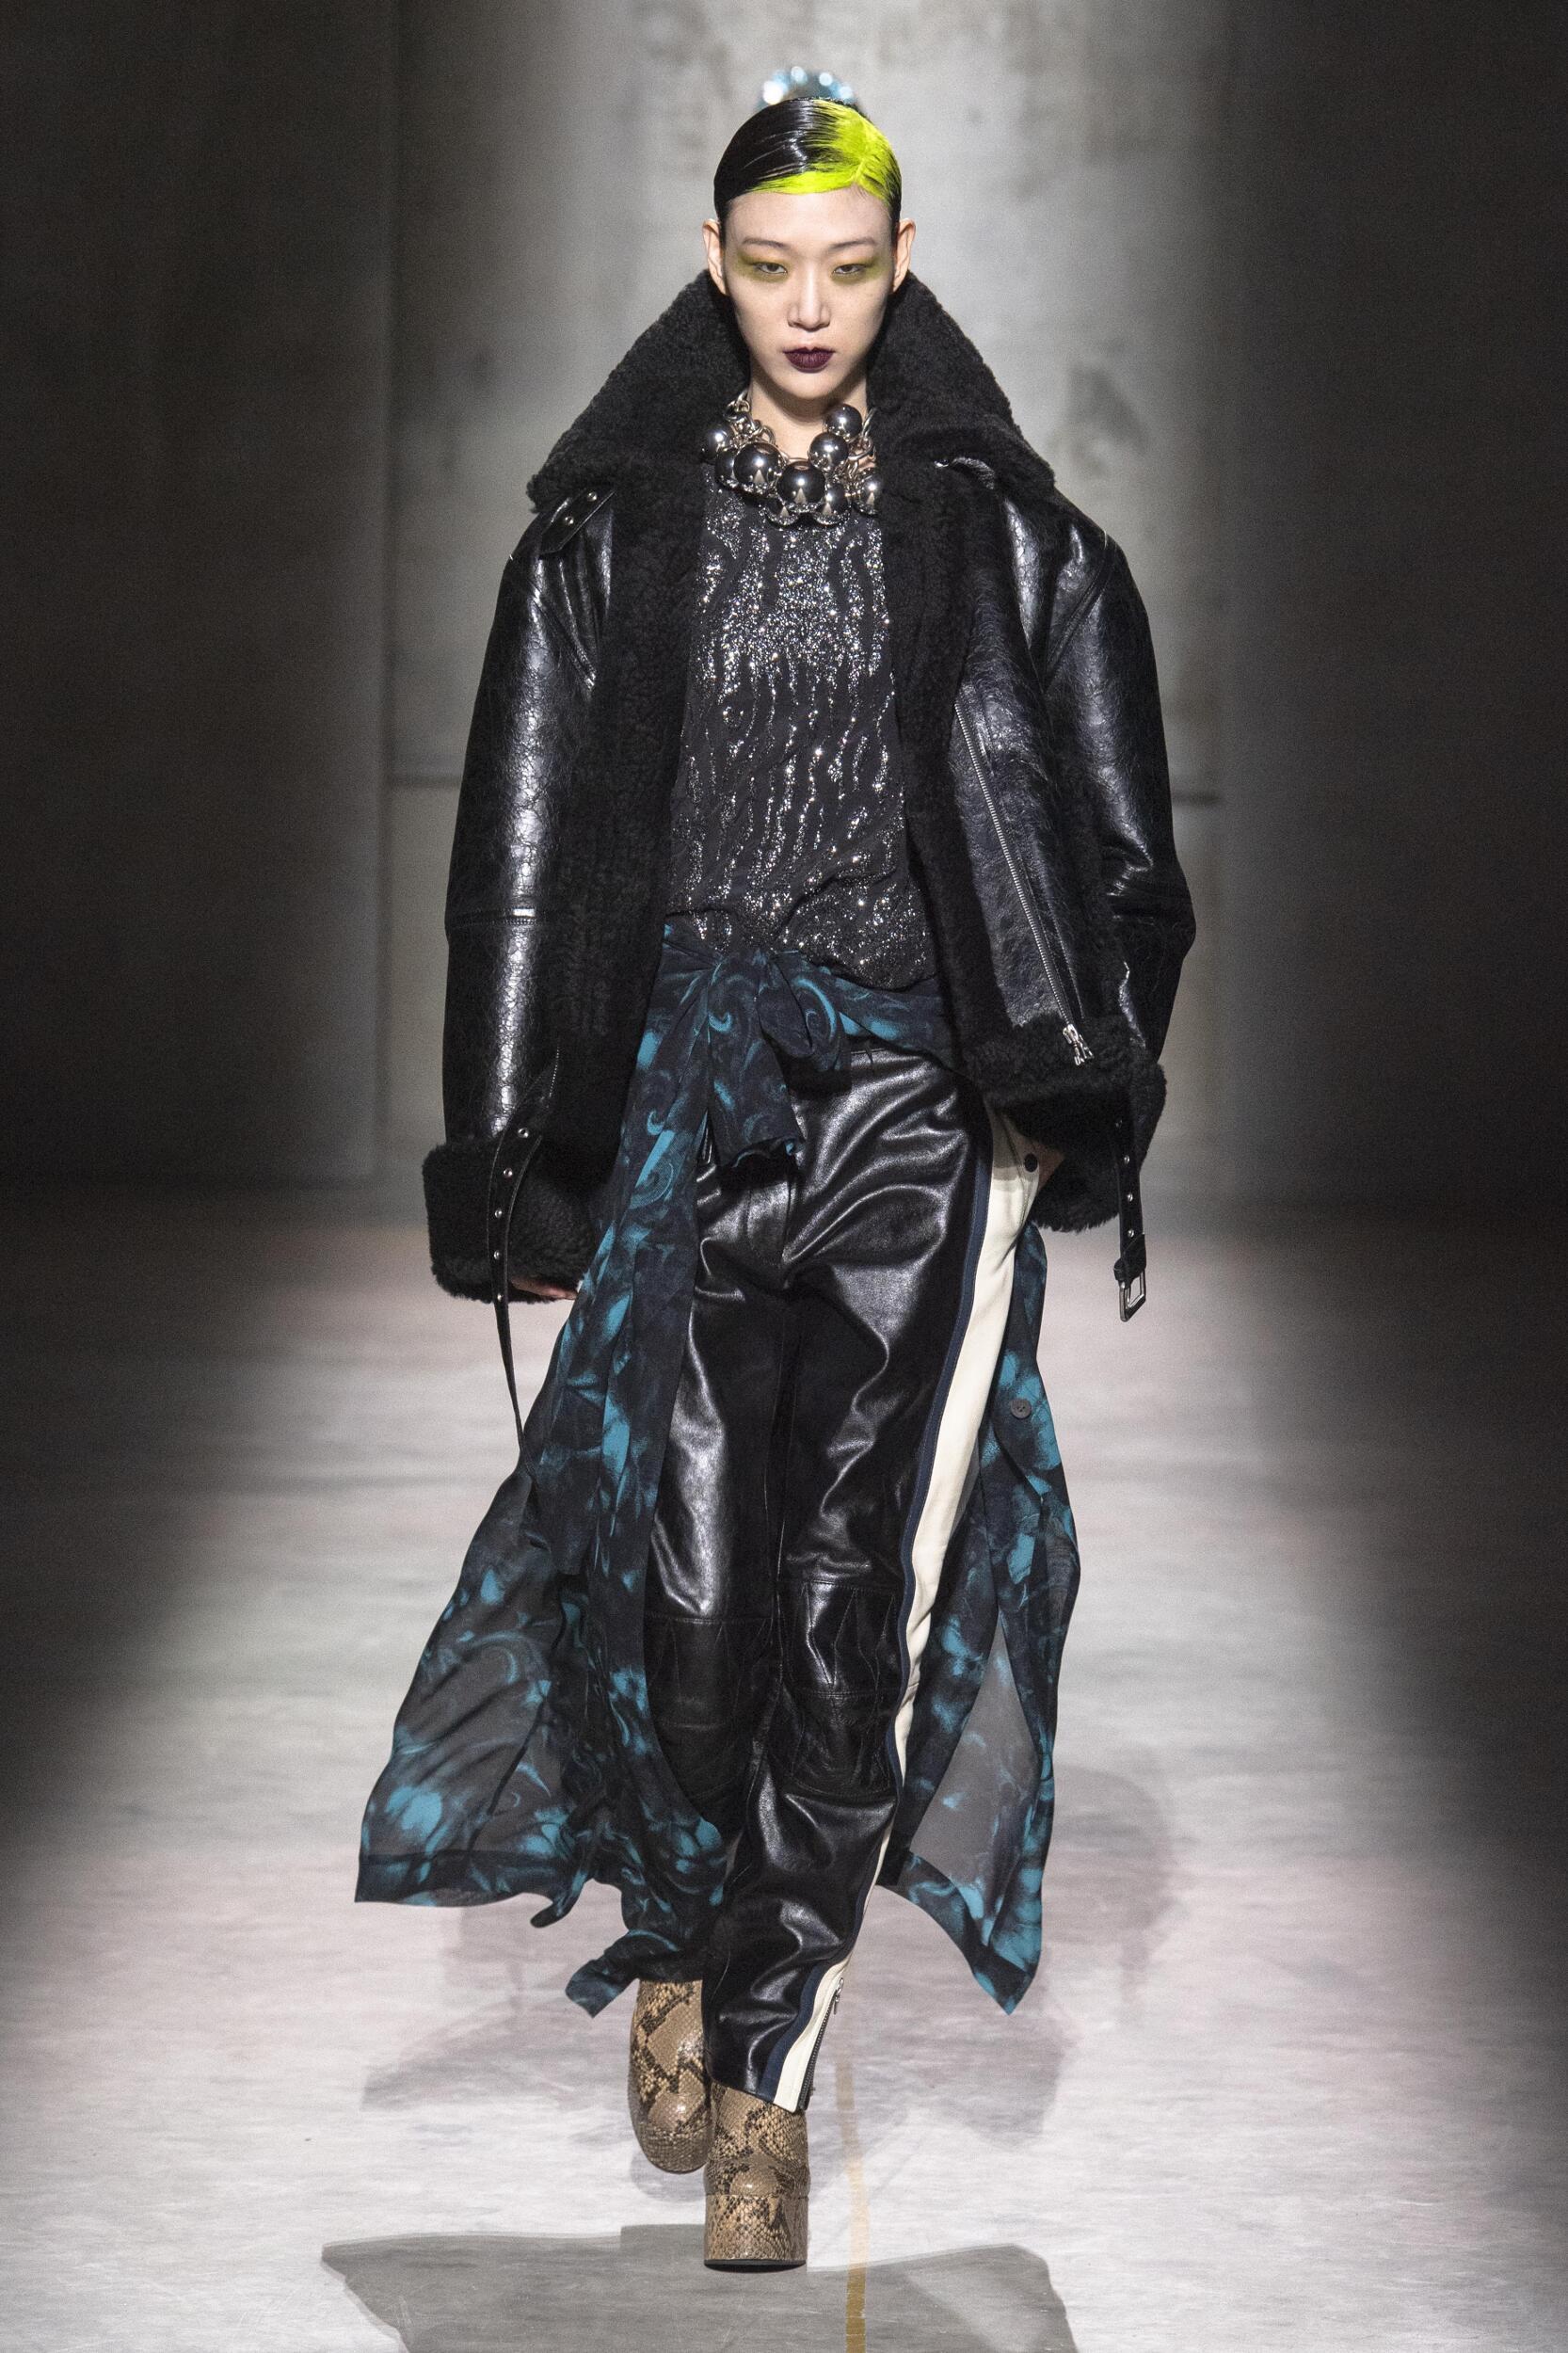 Fashion 2020 Catwalk Dries Van Noten Winter Womens Collection